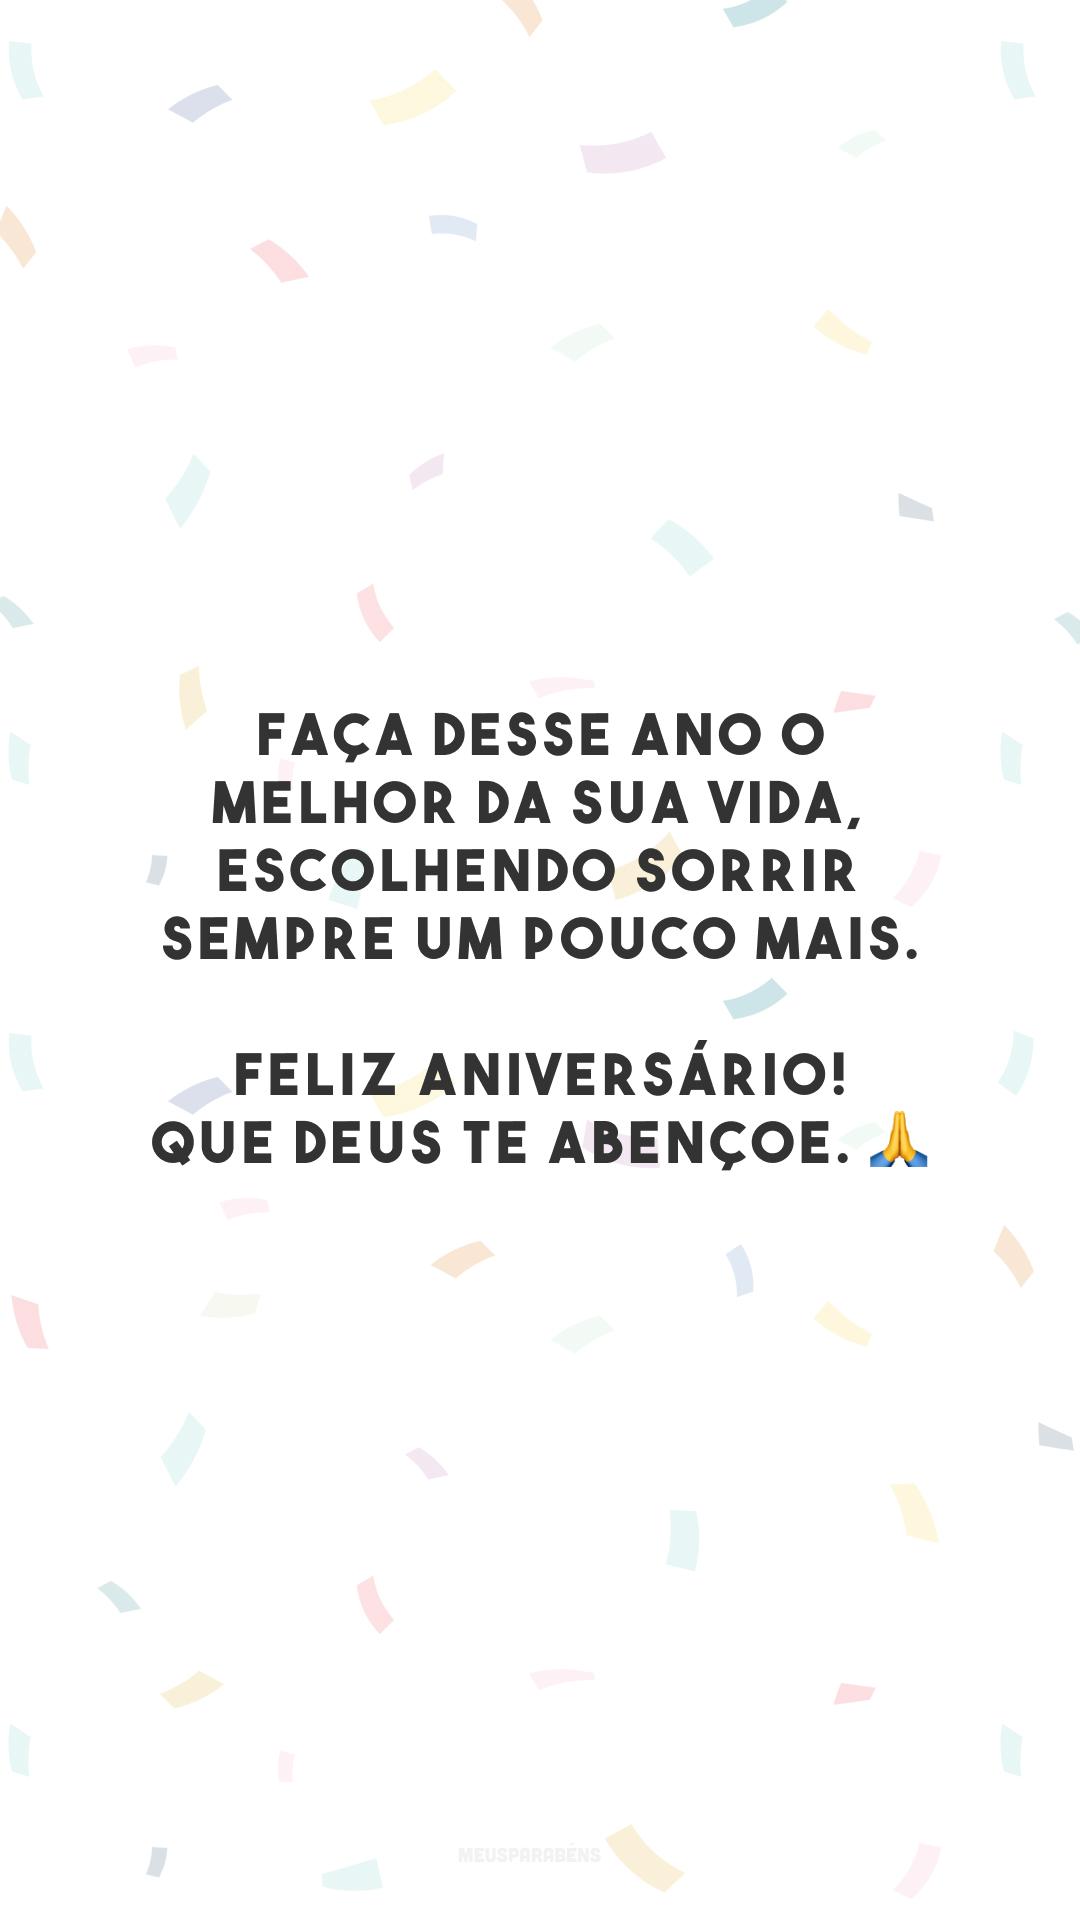 Faça desse ano o melhor da sua vida, escolhendo sorrir sempre um pouco mais. Feliz aniversário! Que Deus te abençoe. 🙏